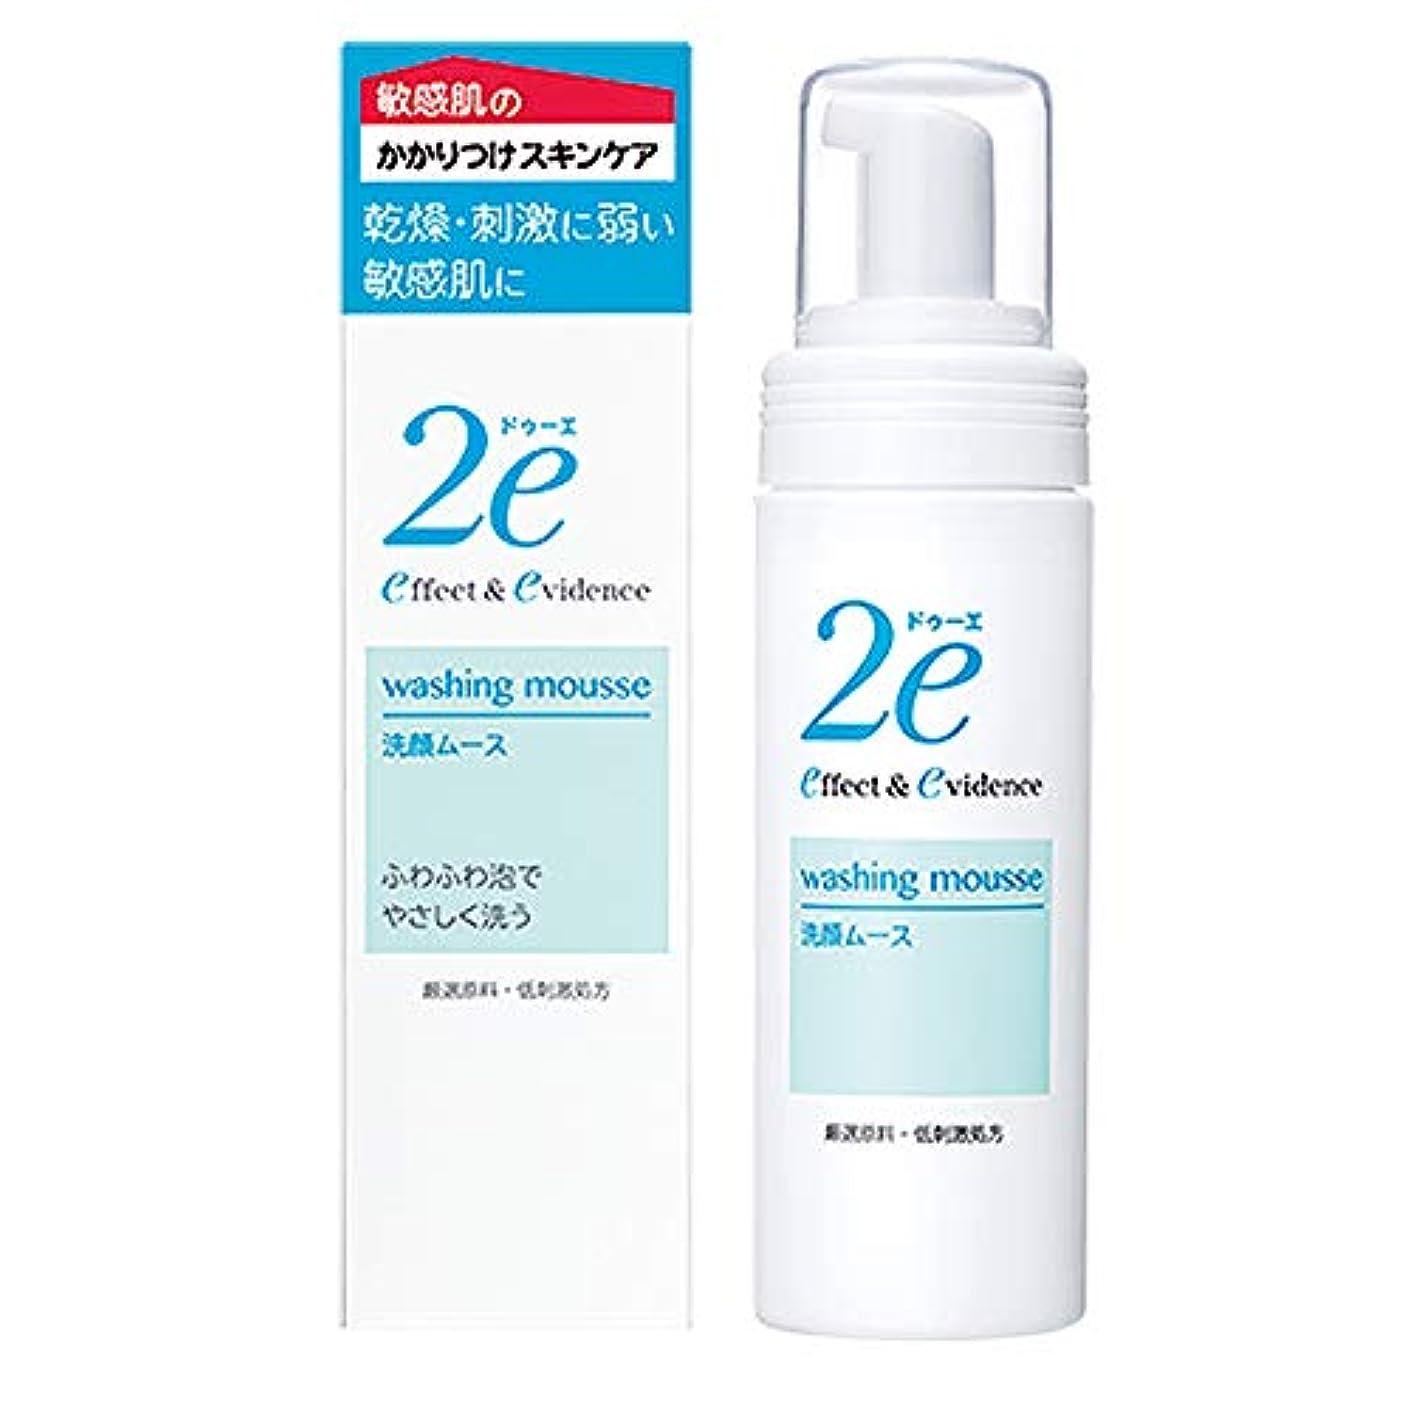 増幅器どっちでもファンド2e(ドゥーエ) 洗顔ムース 敏感肌用洗顔料 低刺激処方 泡で出てくるポンプタイプ 120ml